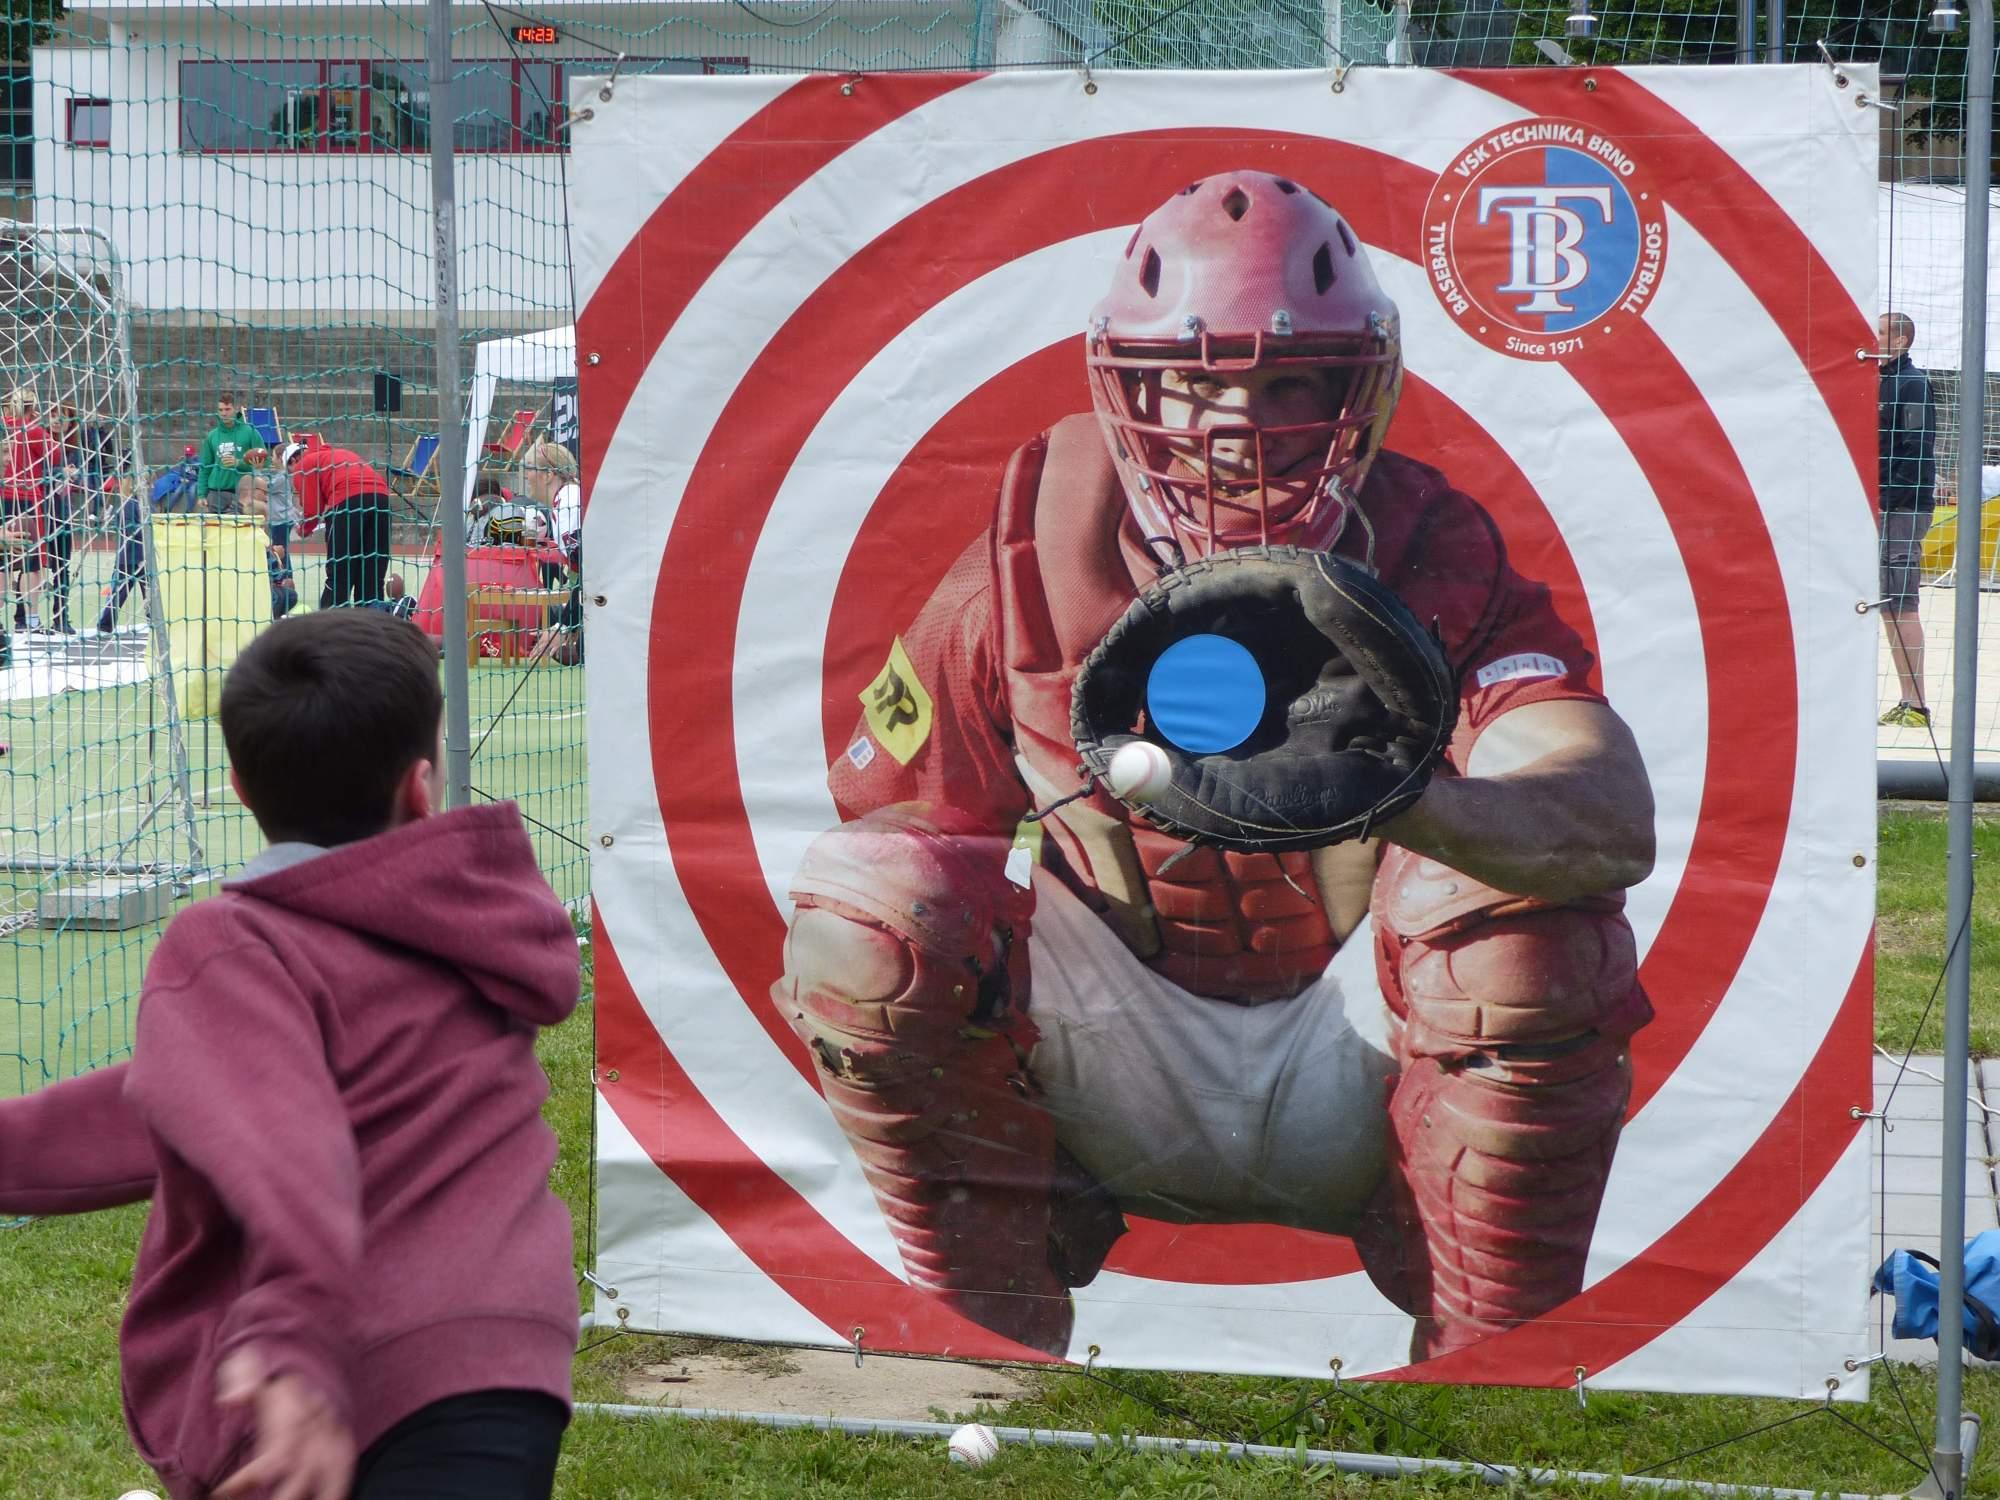 Děti se mohly naučit, jak správně hodit baseballový míček. Foto: Michaela Střížová